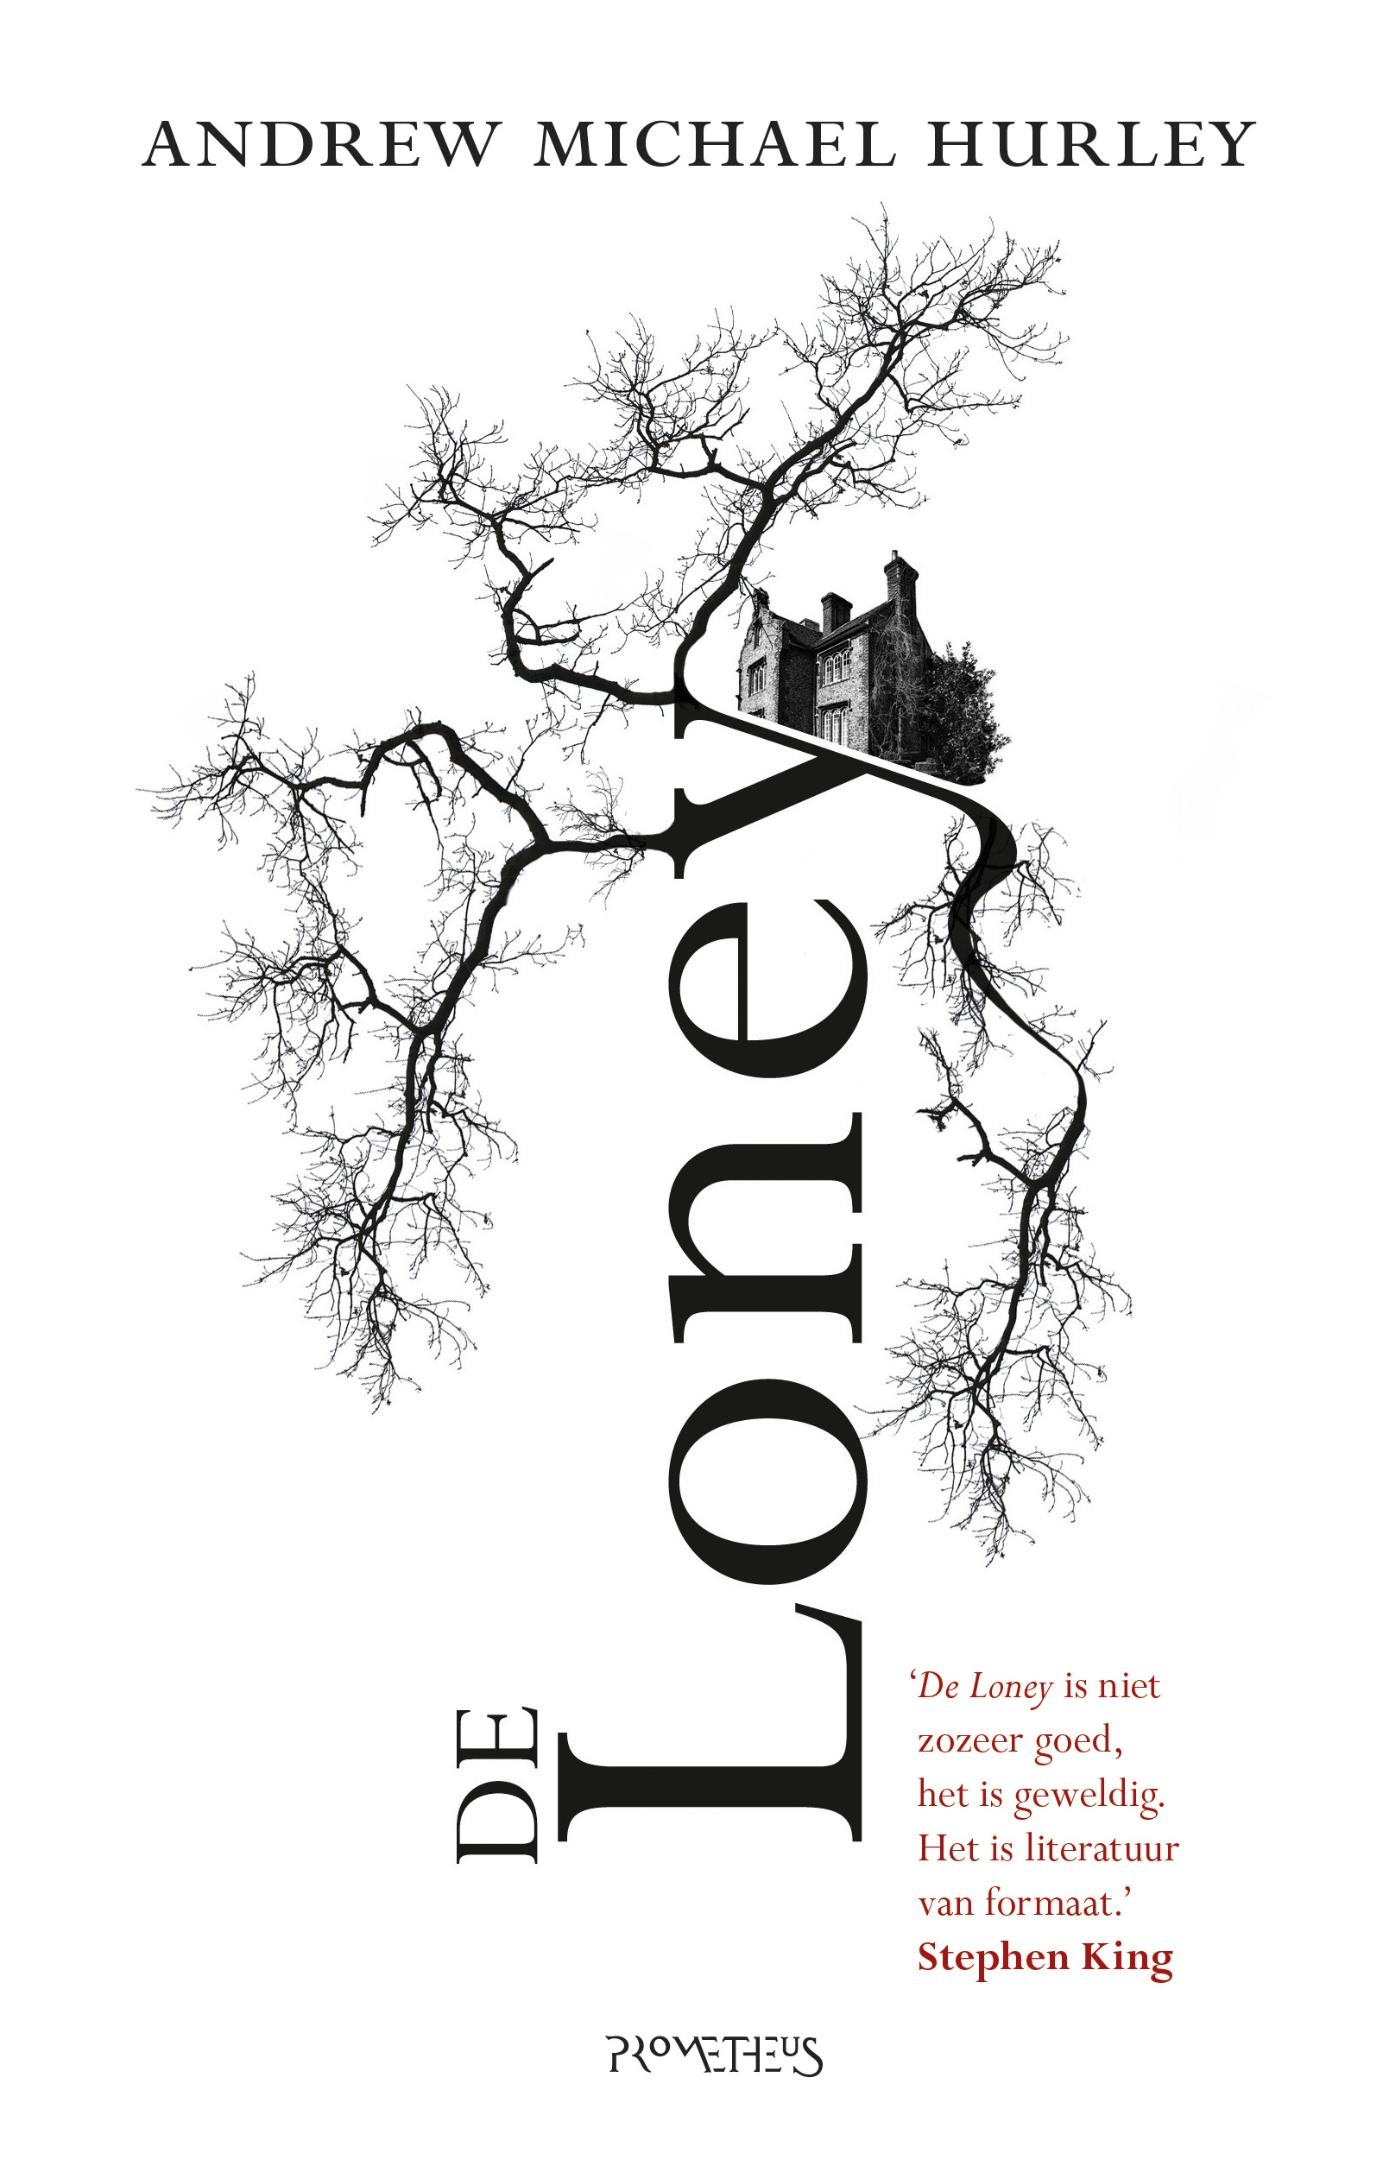 De Loney – Andrew Michael Hurley